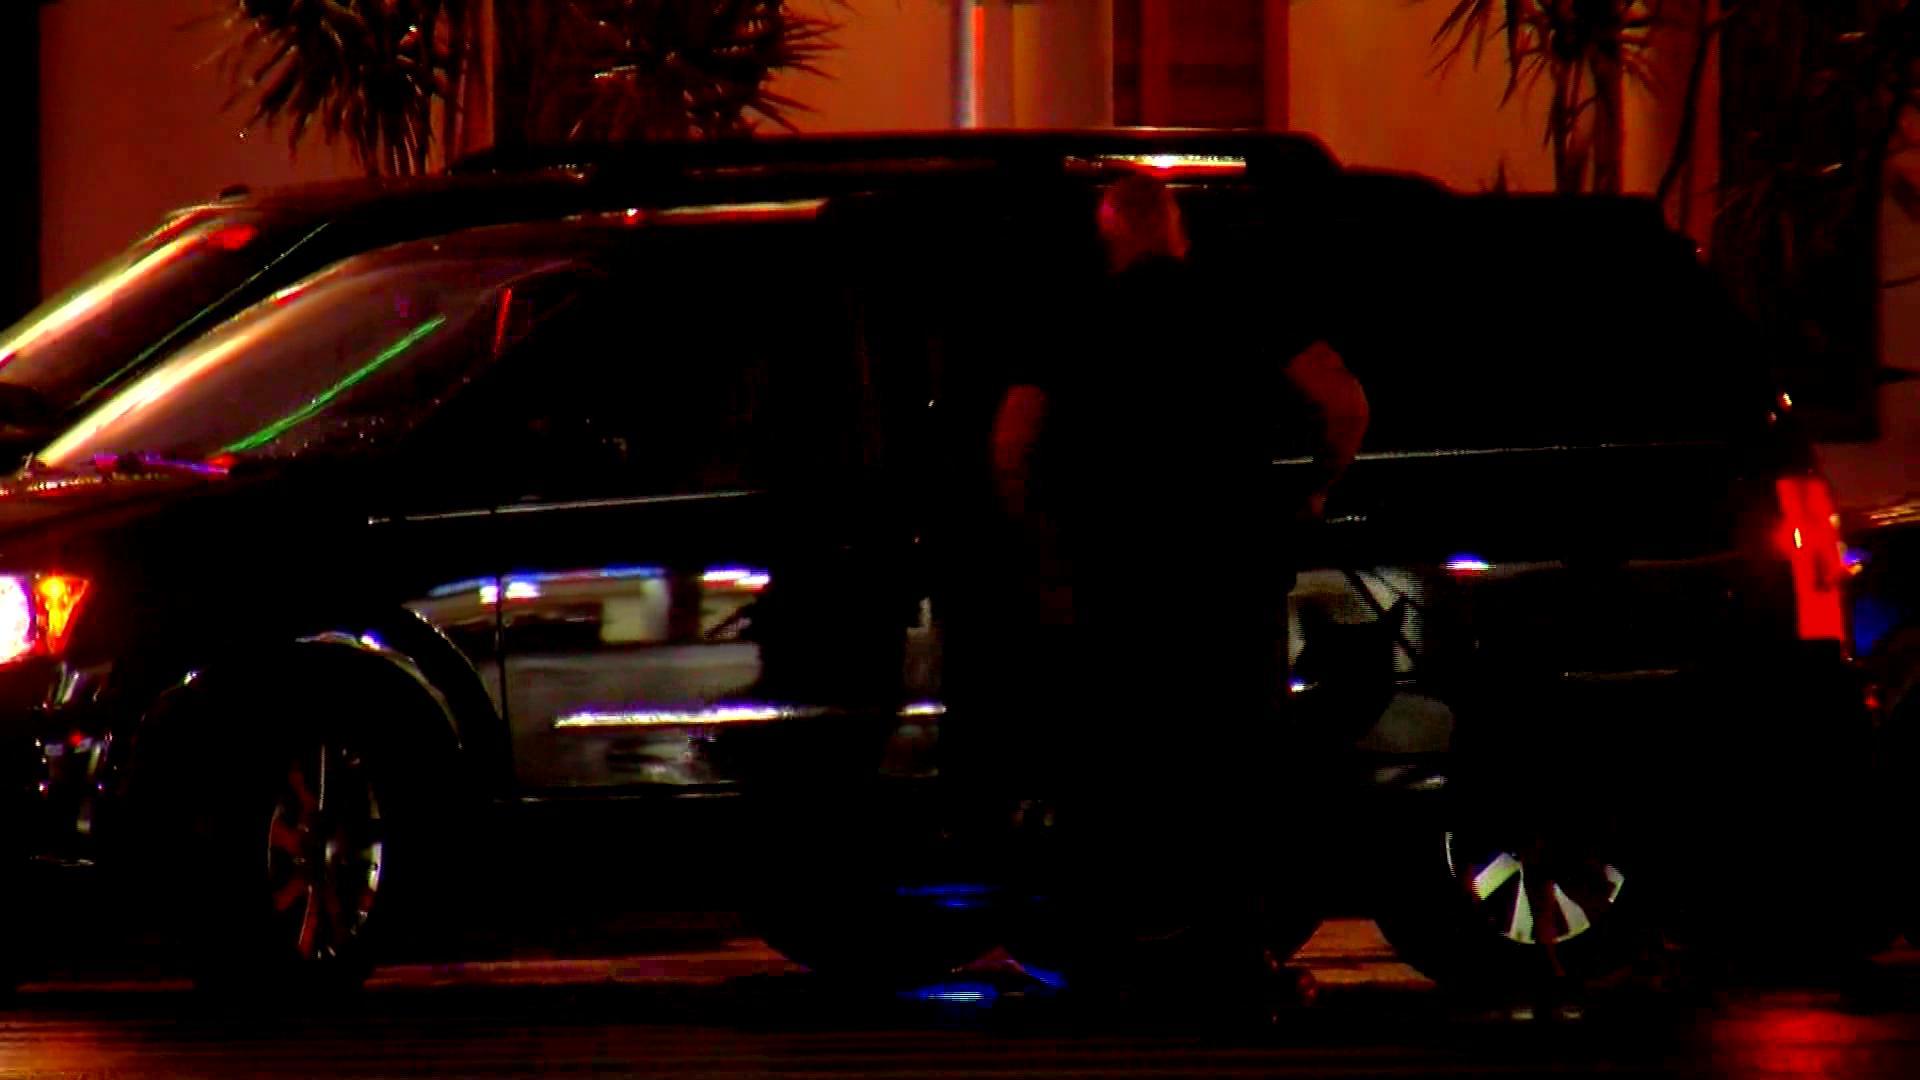 PBSO tras la búsqueda de un fugitivo en West Palm Beach